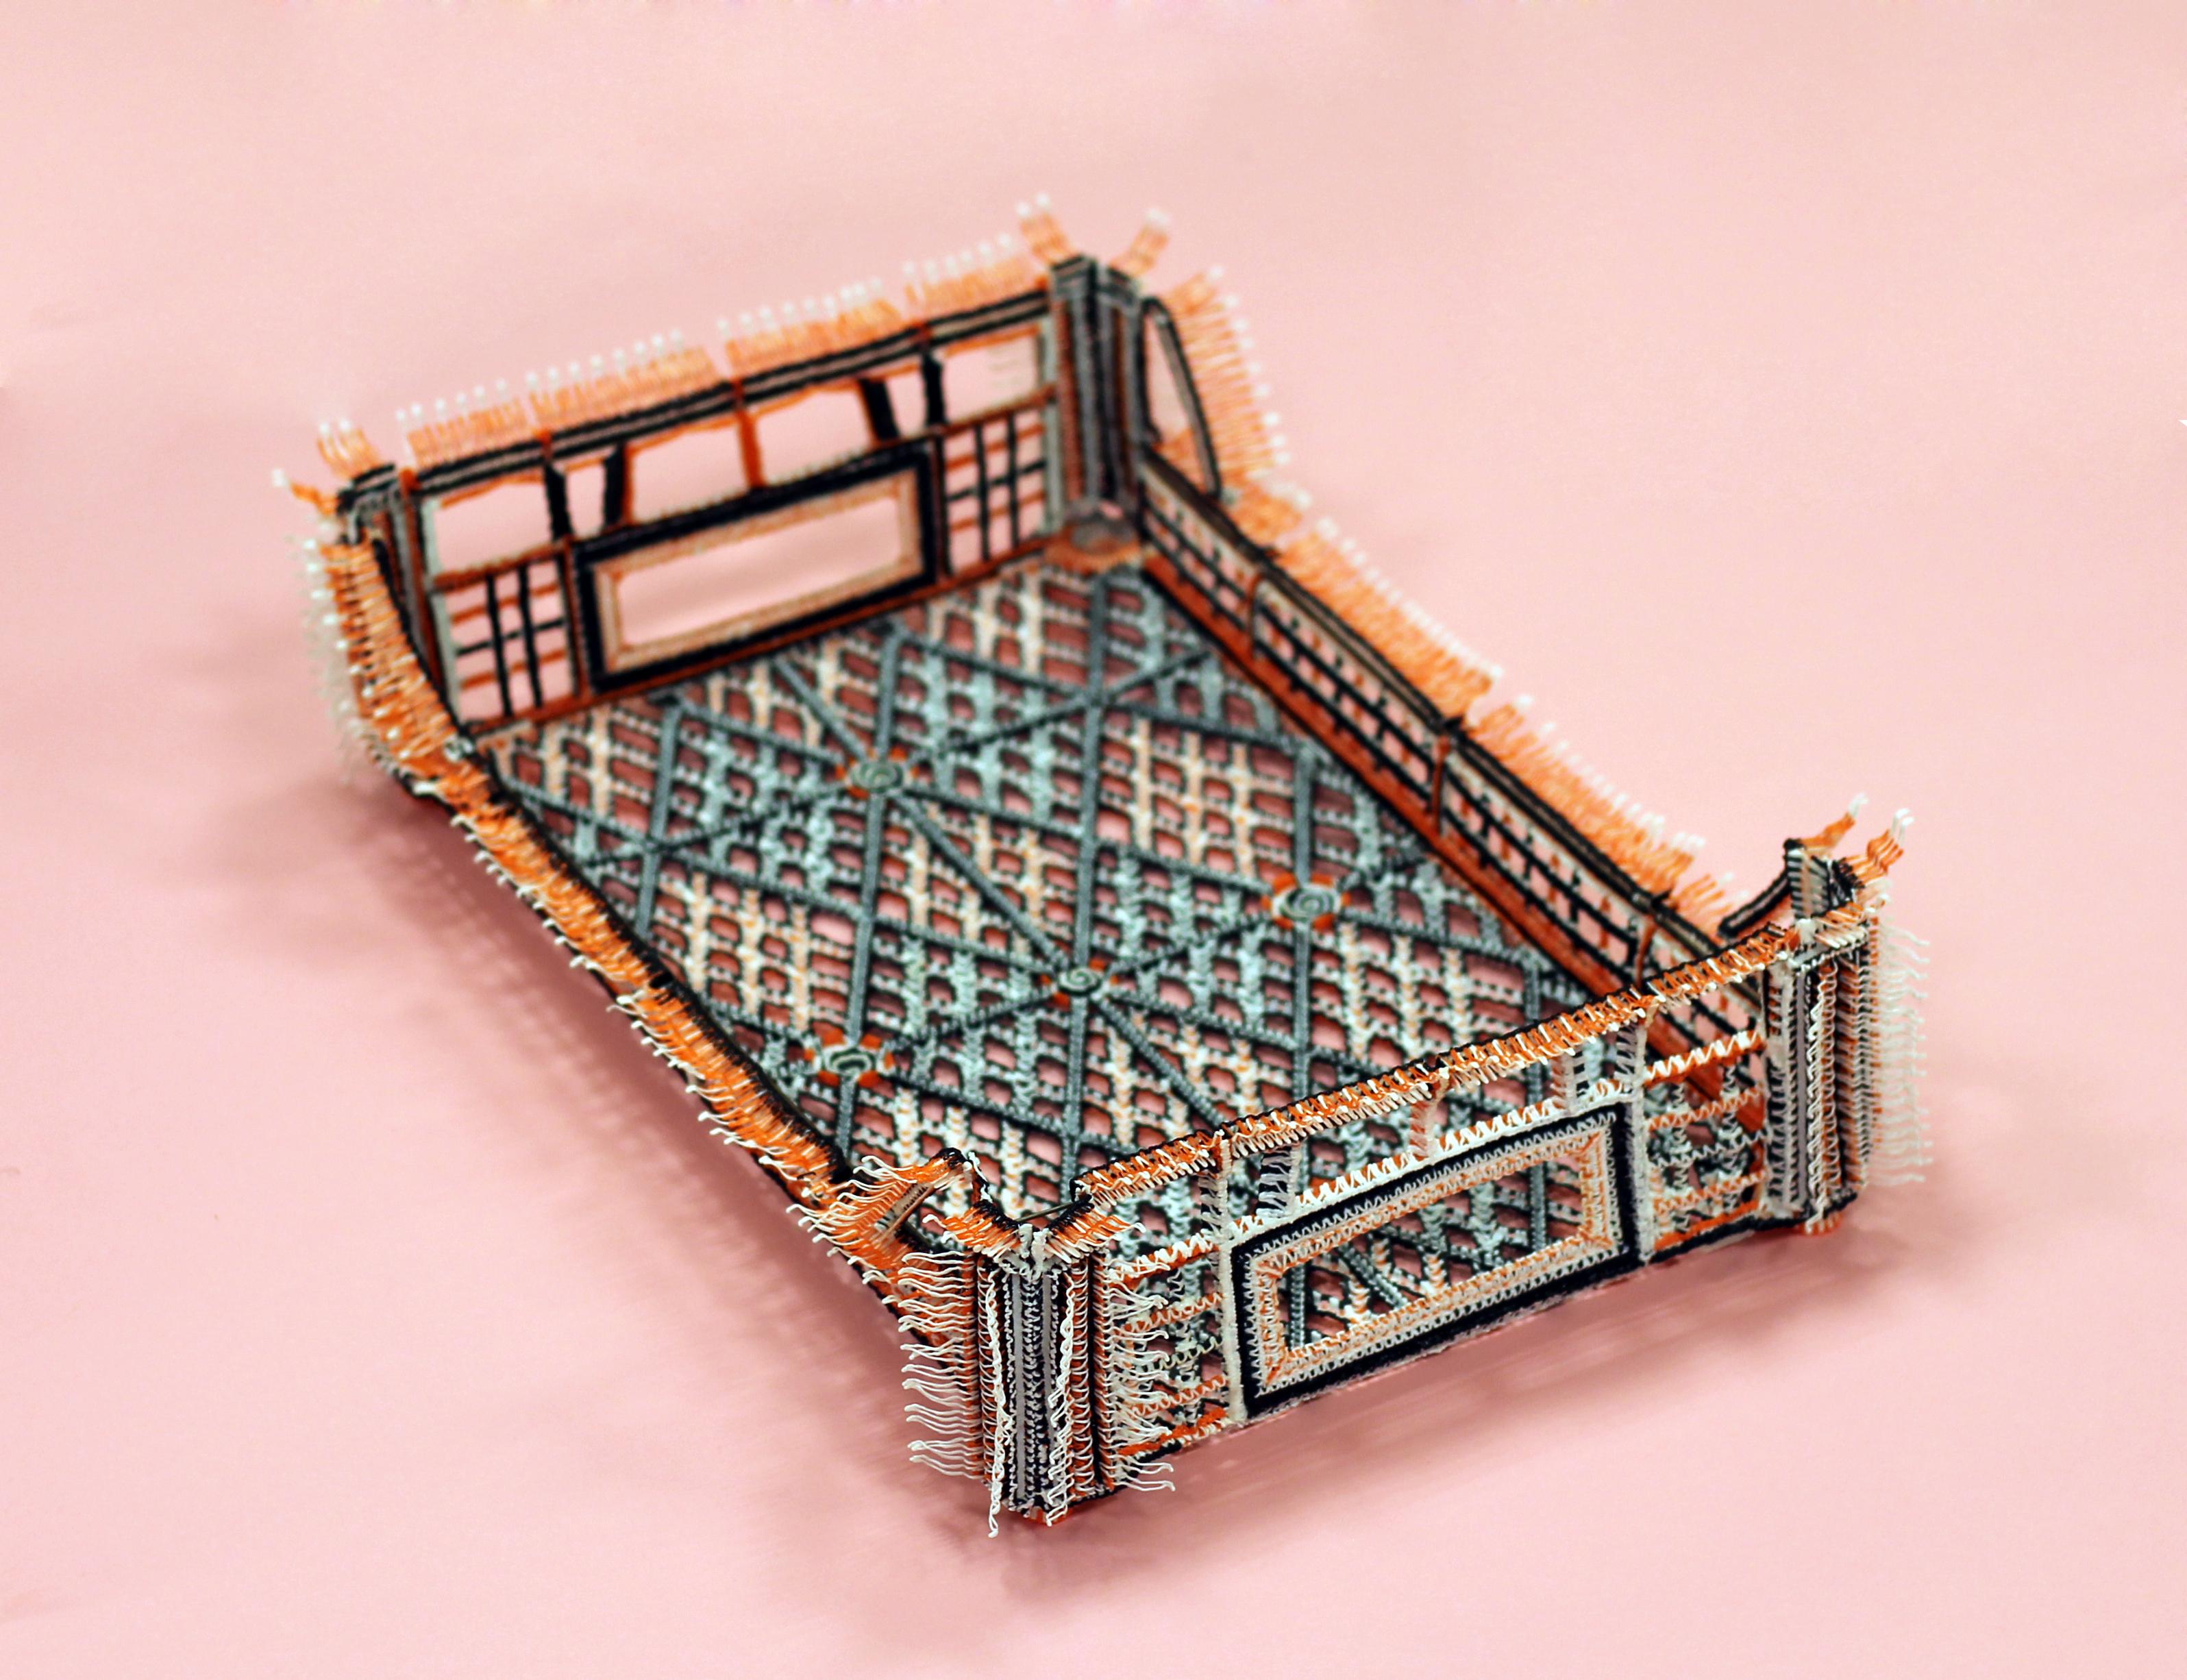 Daan Veerman heeft een 3D printer aangepast zodat hij met de hand objecten kan maken, zoals te zien is op de foto. Een kratje gemaakt van 3D print. Op deze manier innoveert hij zowel ambacht als technologie. Door zijn werk kan er anders gekeken worden naar de rol van technologie in handwerk, ambacht. | Crafts Council Nederland